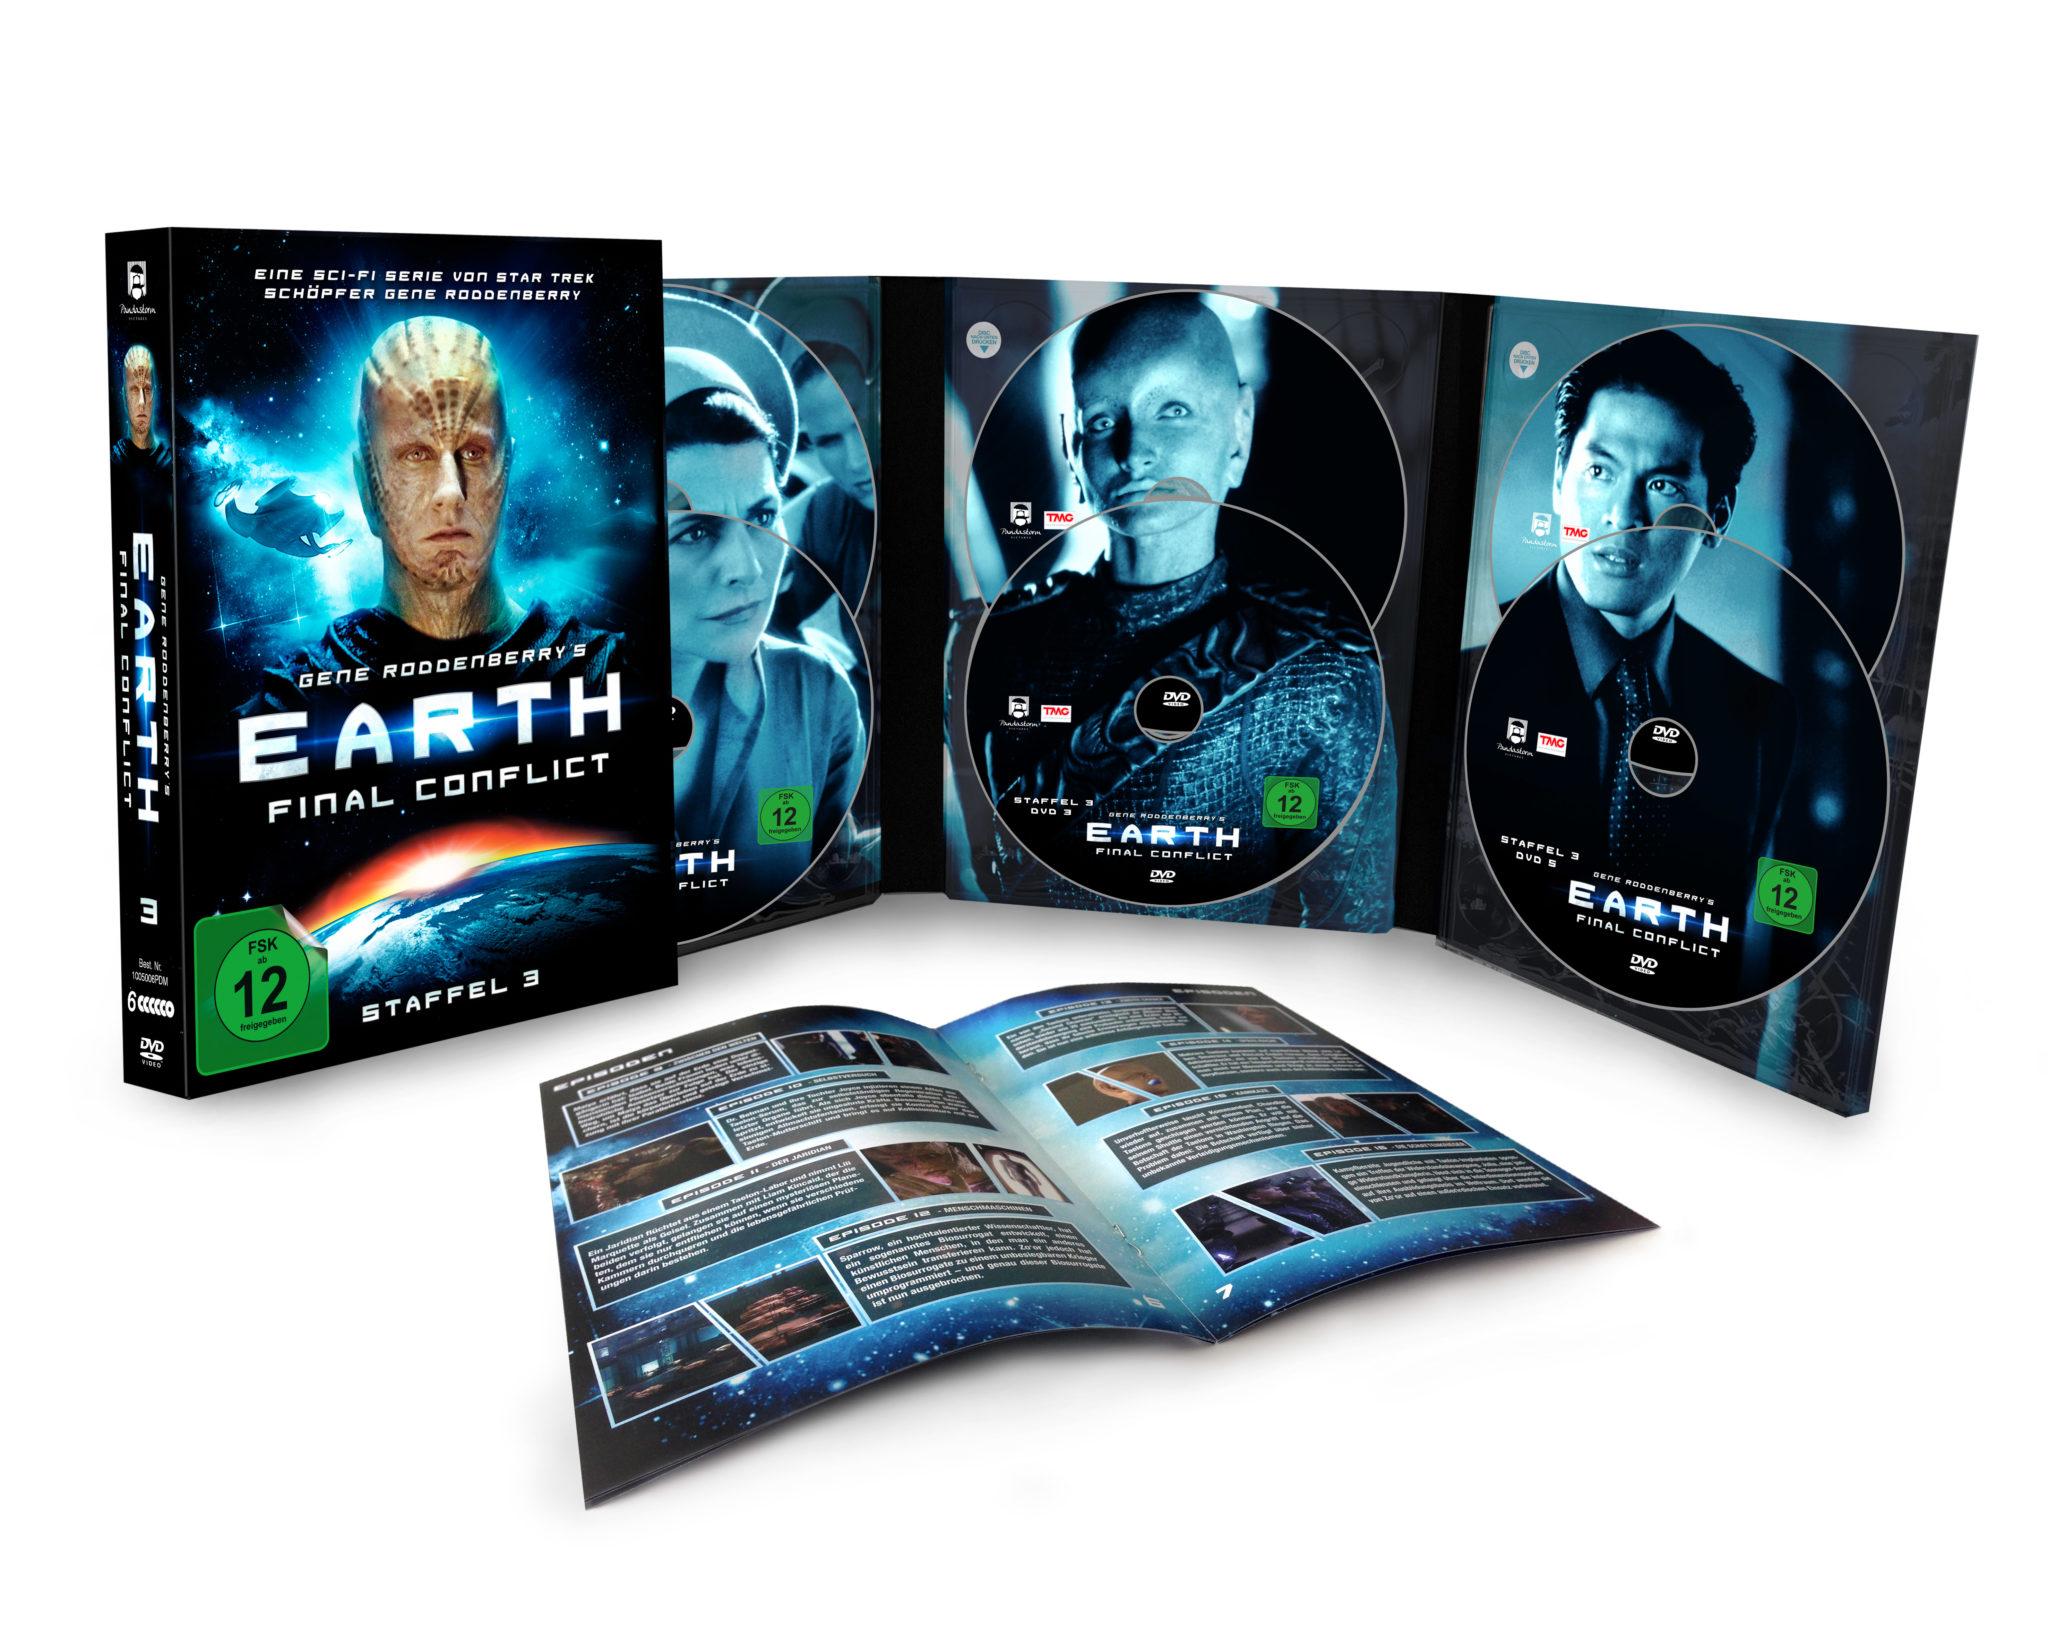 Auch für die dritte Staffel setzt Pandastorm Pictures die hübschen Doppel-CD-Artworks fort.